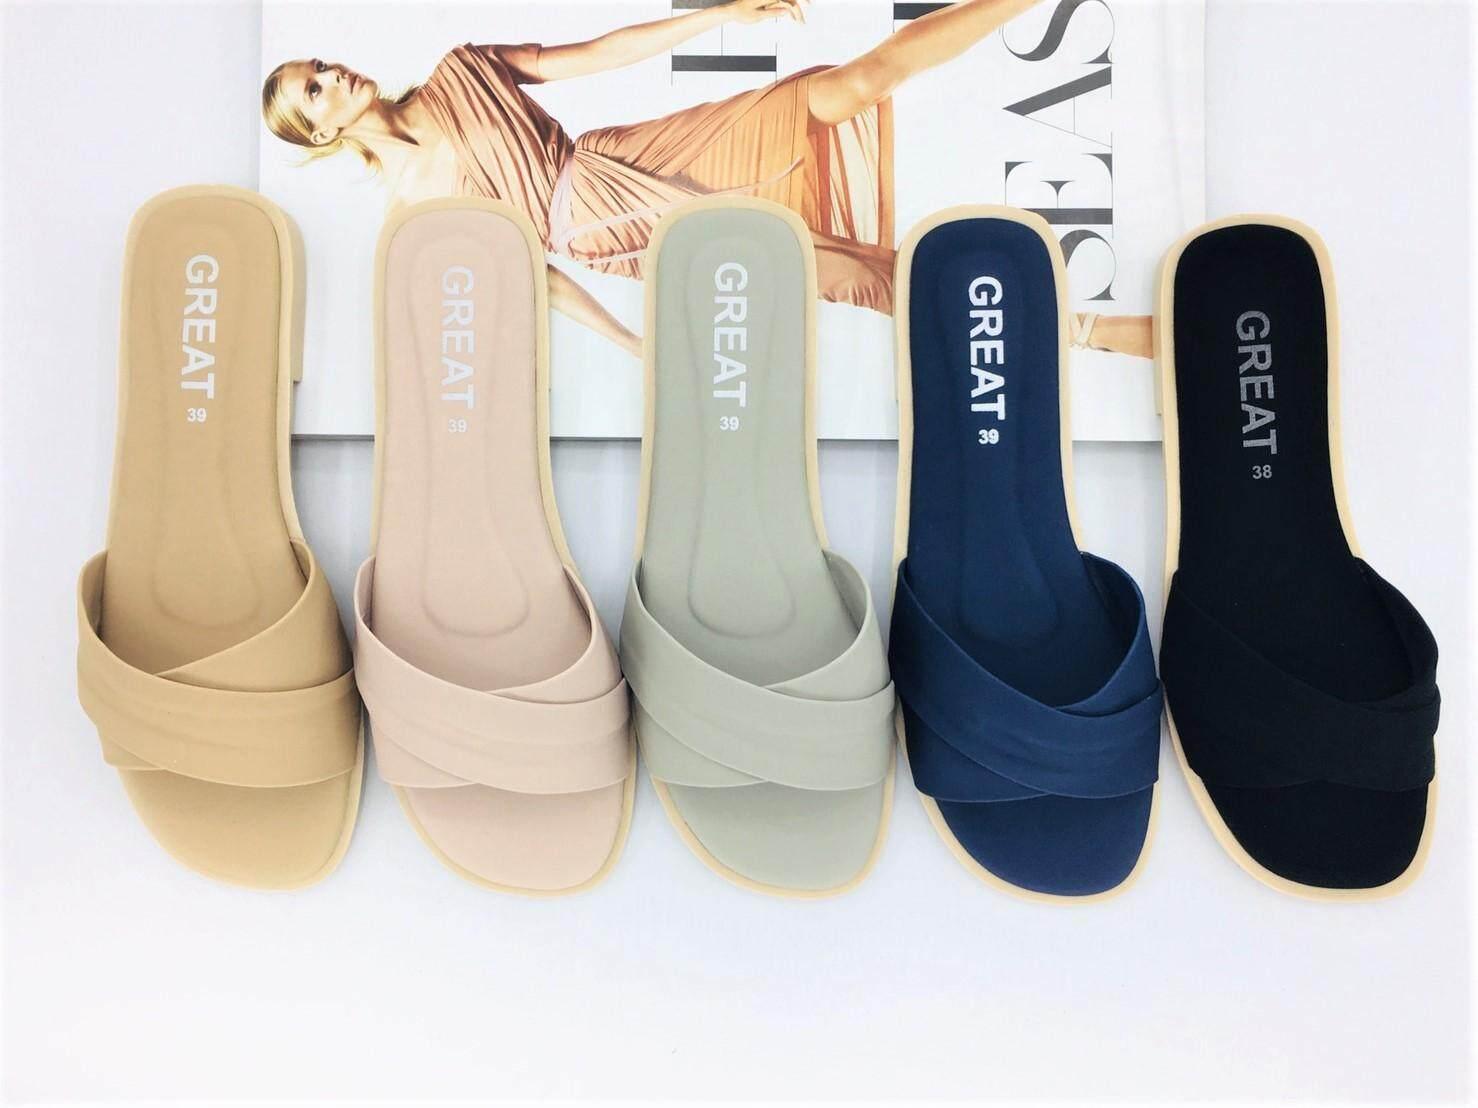 รองเท้าแตะลำลองแบบสวม รองเท้าพื้นนิ่ม เป็นหนังPU นูบัคหนังนิ่ม สวมใส่สบาย ไม่กัดเท้า คุณภาพคุ้มราคา มี 5 สี ให้เลือก